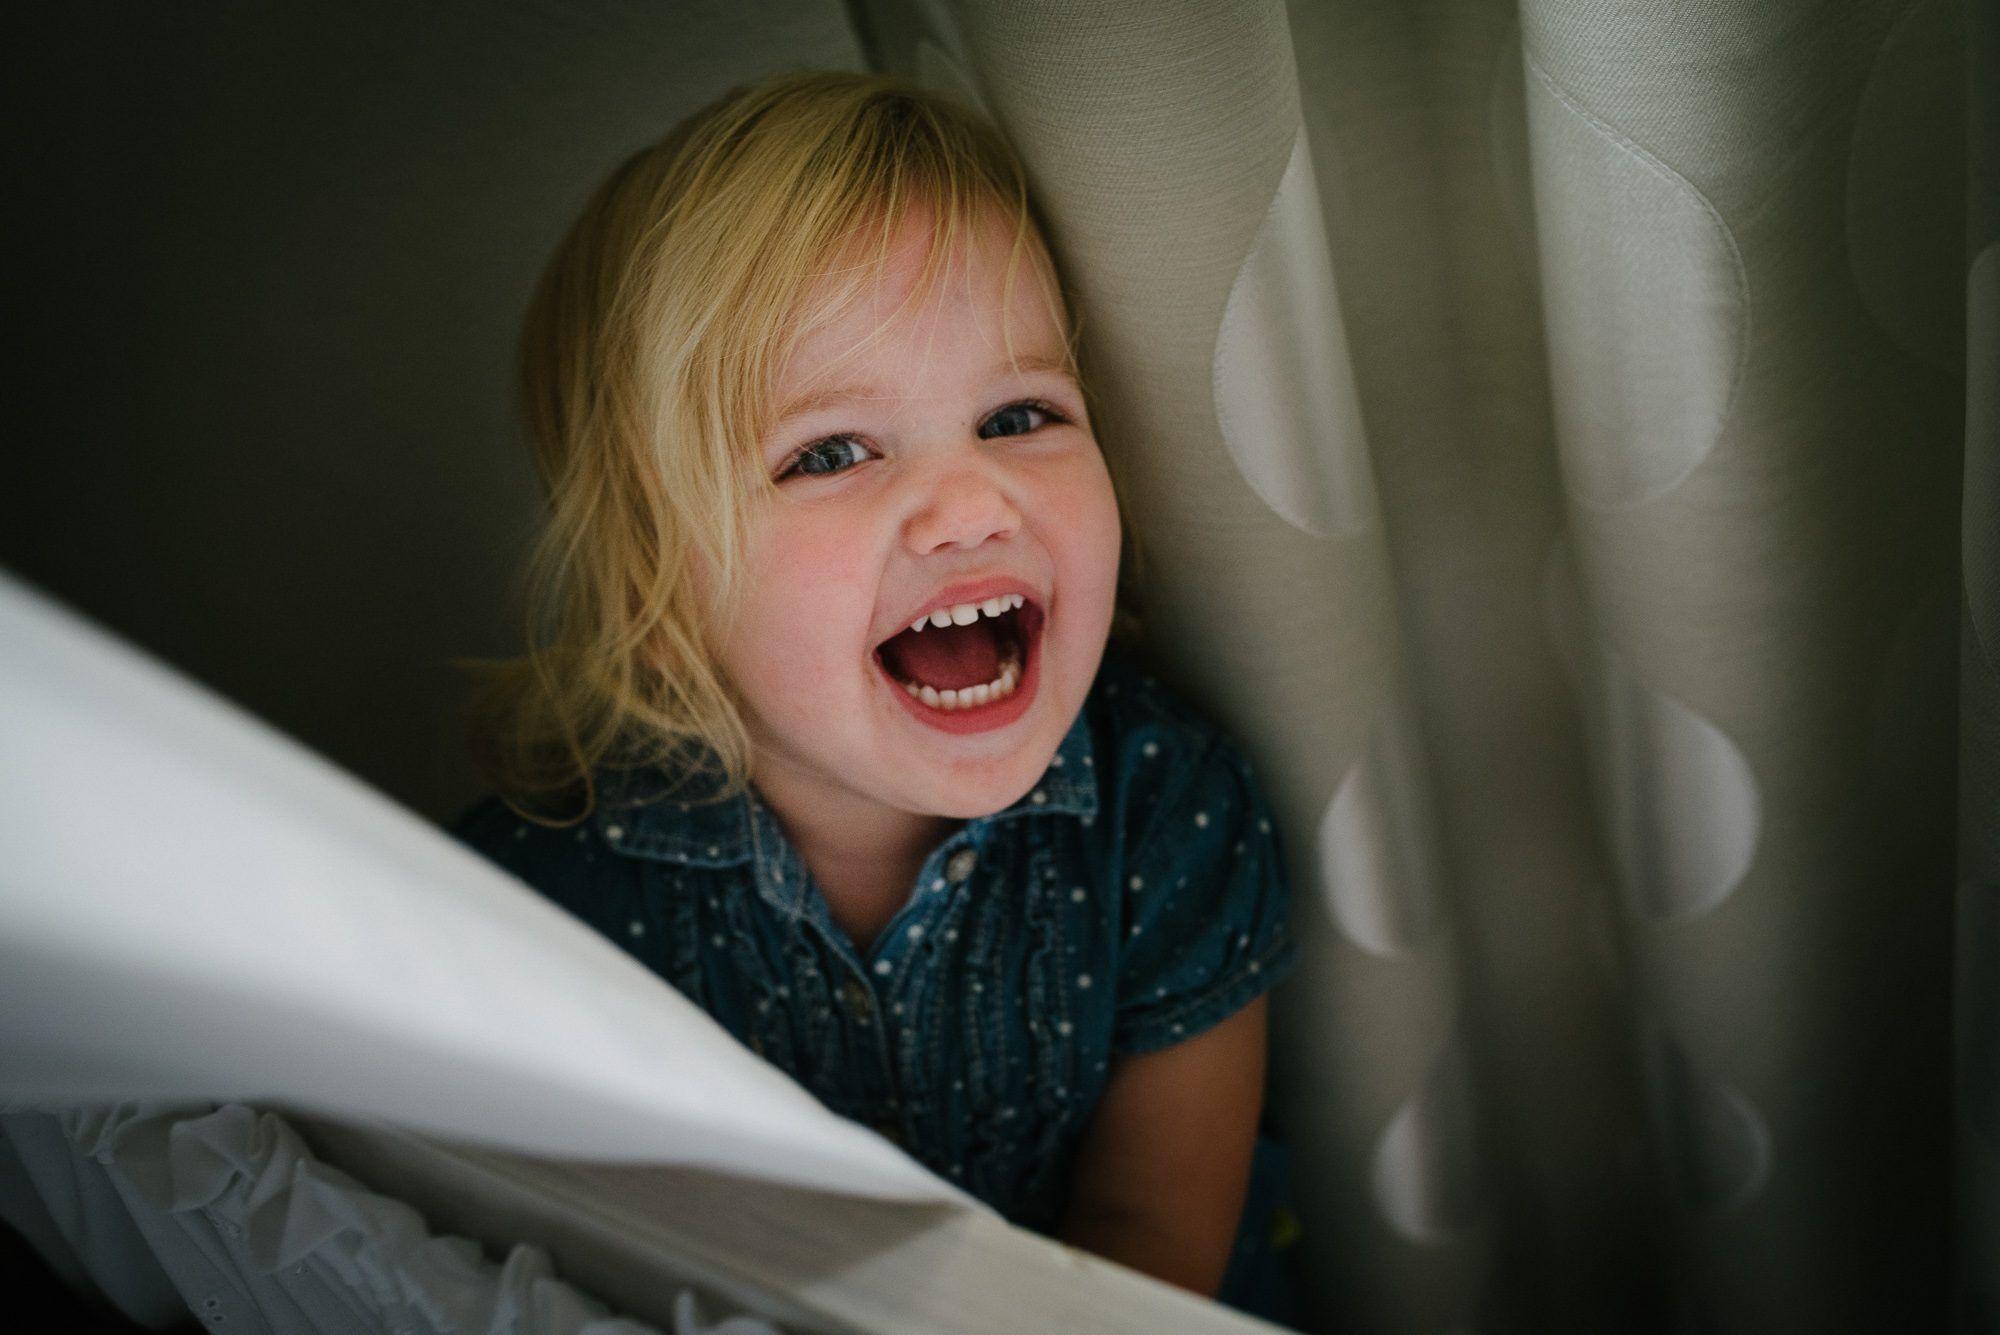 fotoshoot met kinderen thuis niet geposeerd